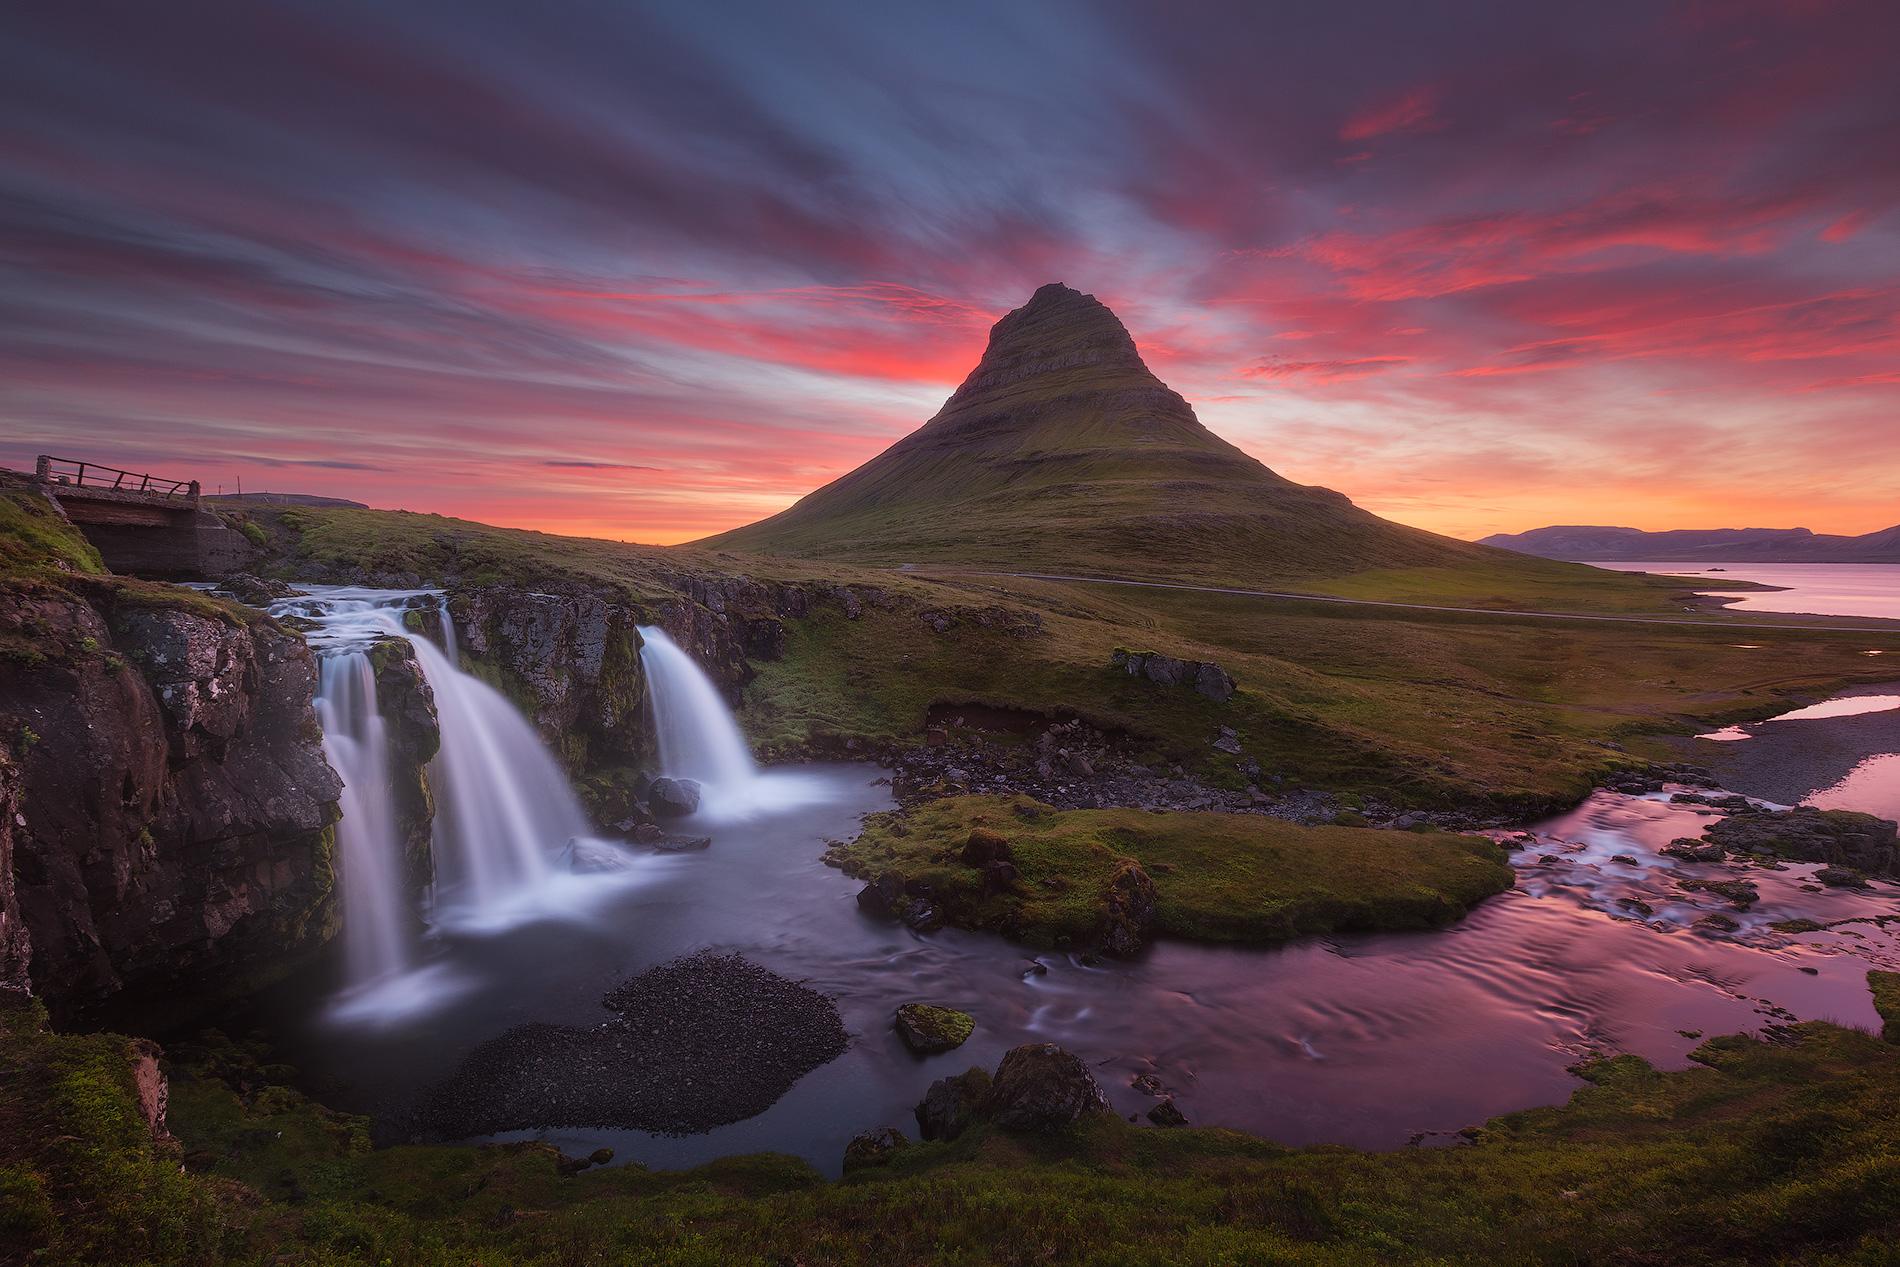 10天9夜冰岛夏季环岛自驾 | 顺时针环岛+斯奈山半岛+聚焦冰岛南部